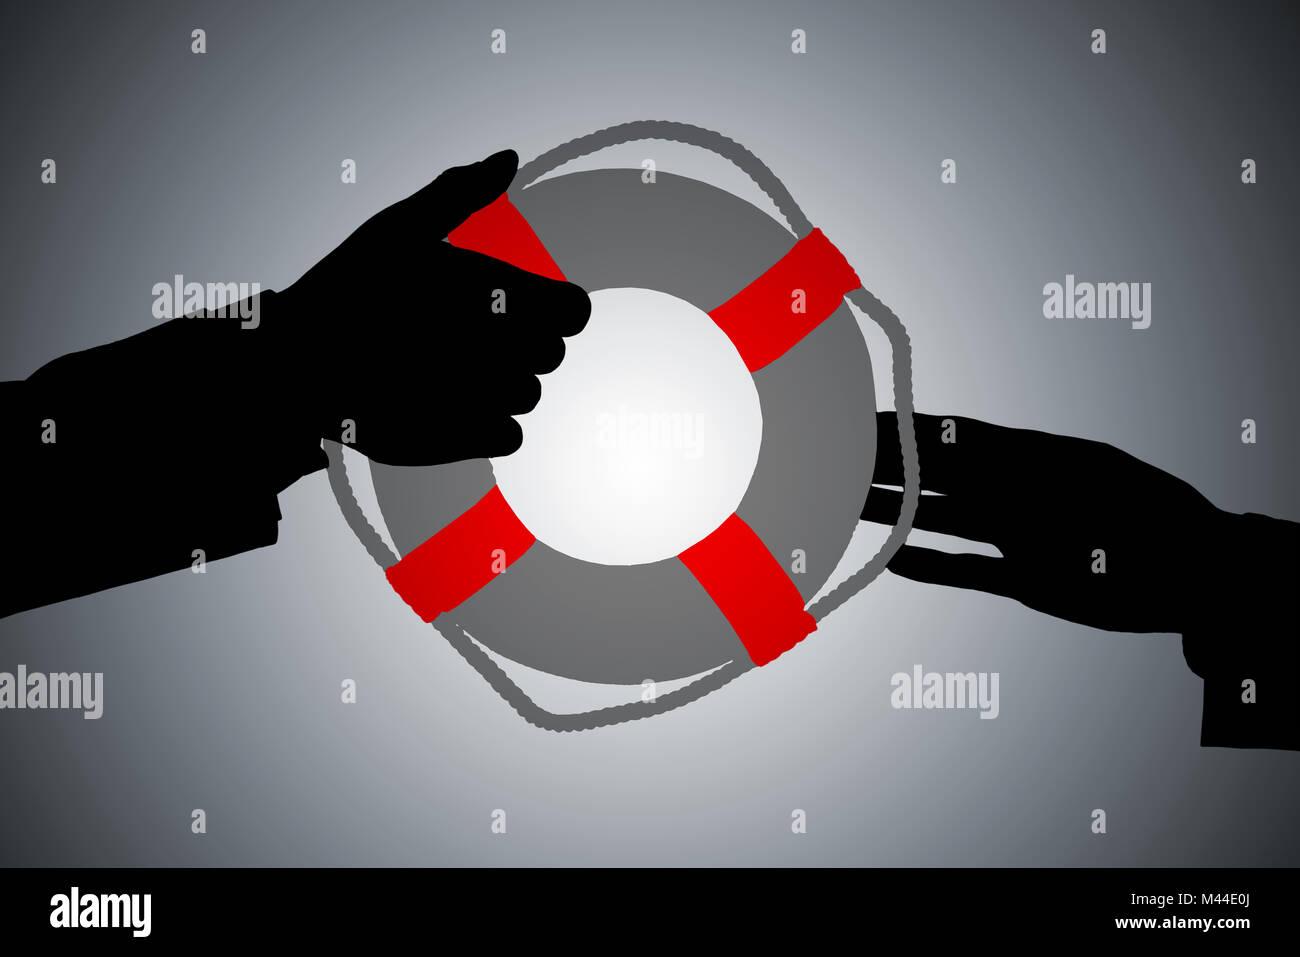 Silueta de una persona pasando la mano dos salvavidas contra el fondo gris Imagen De Stock